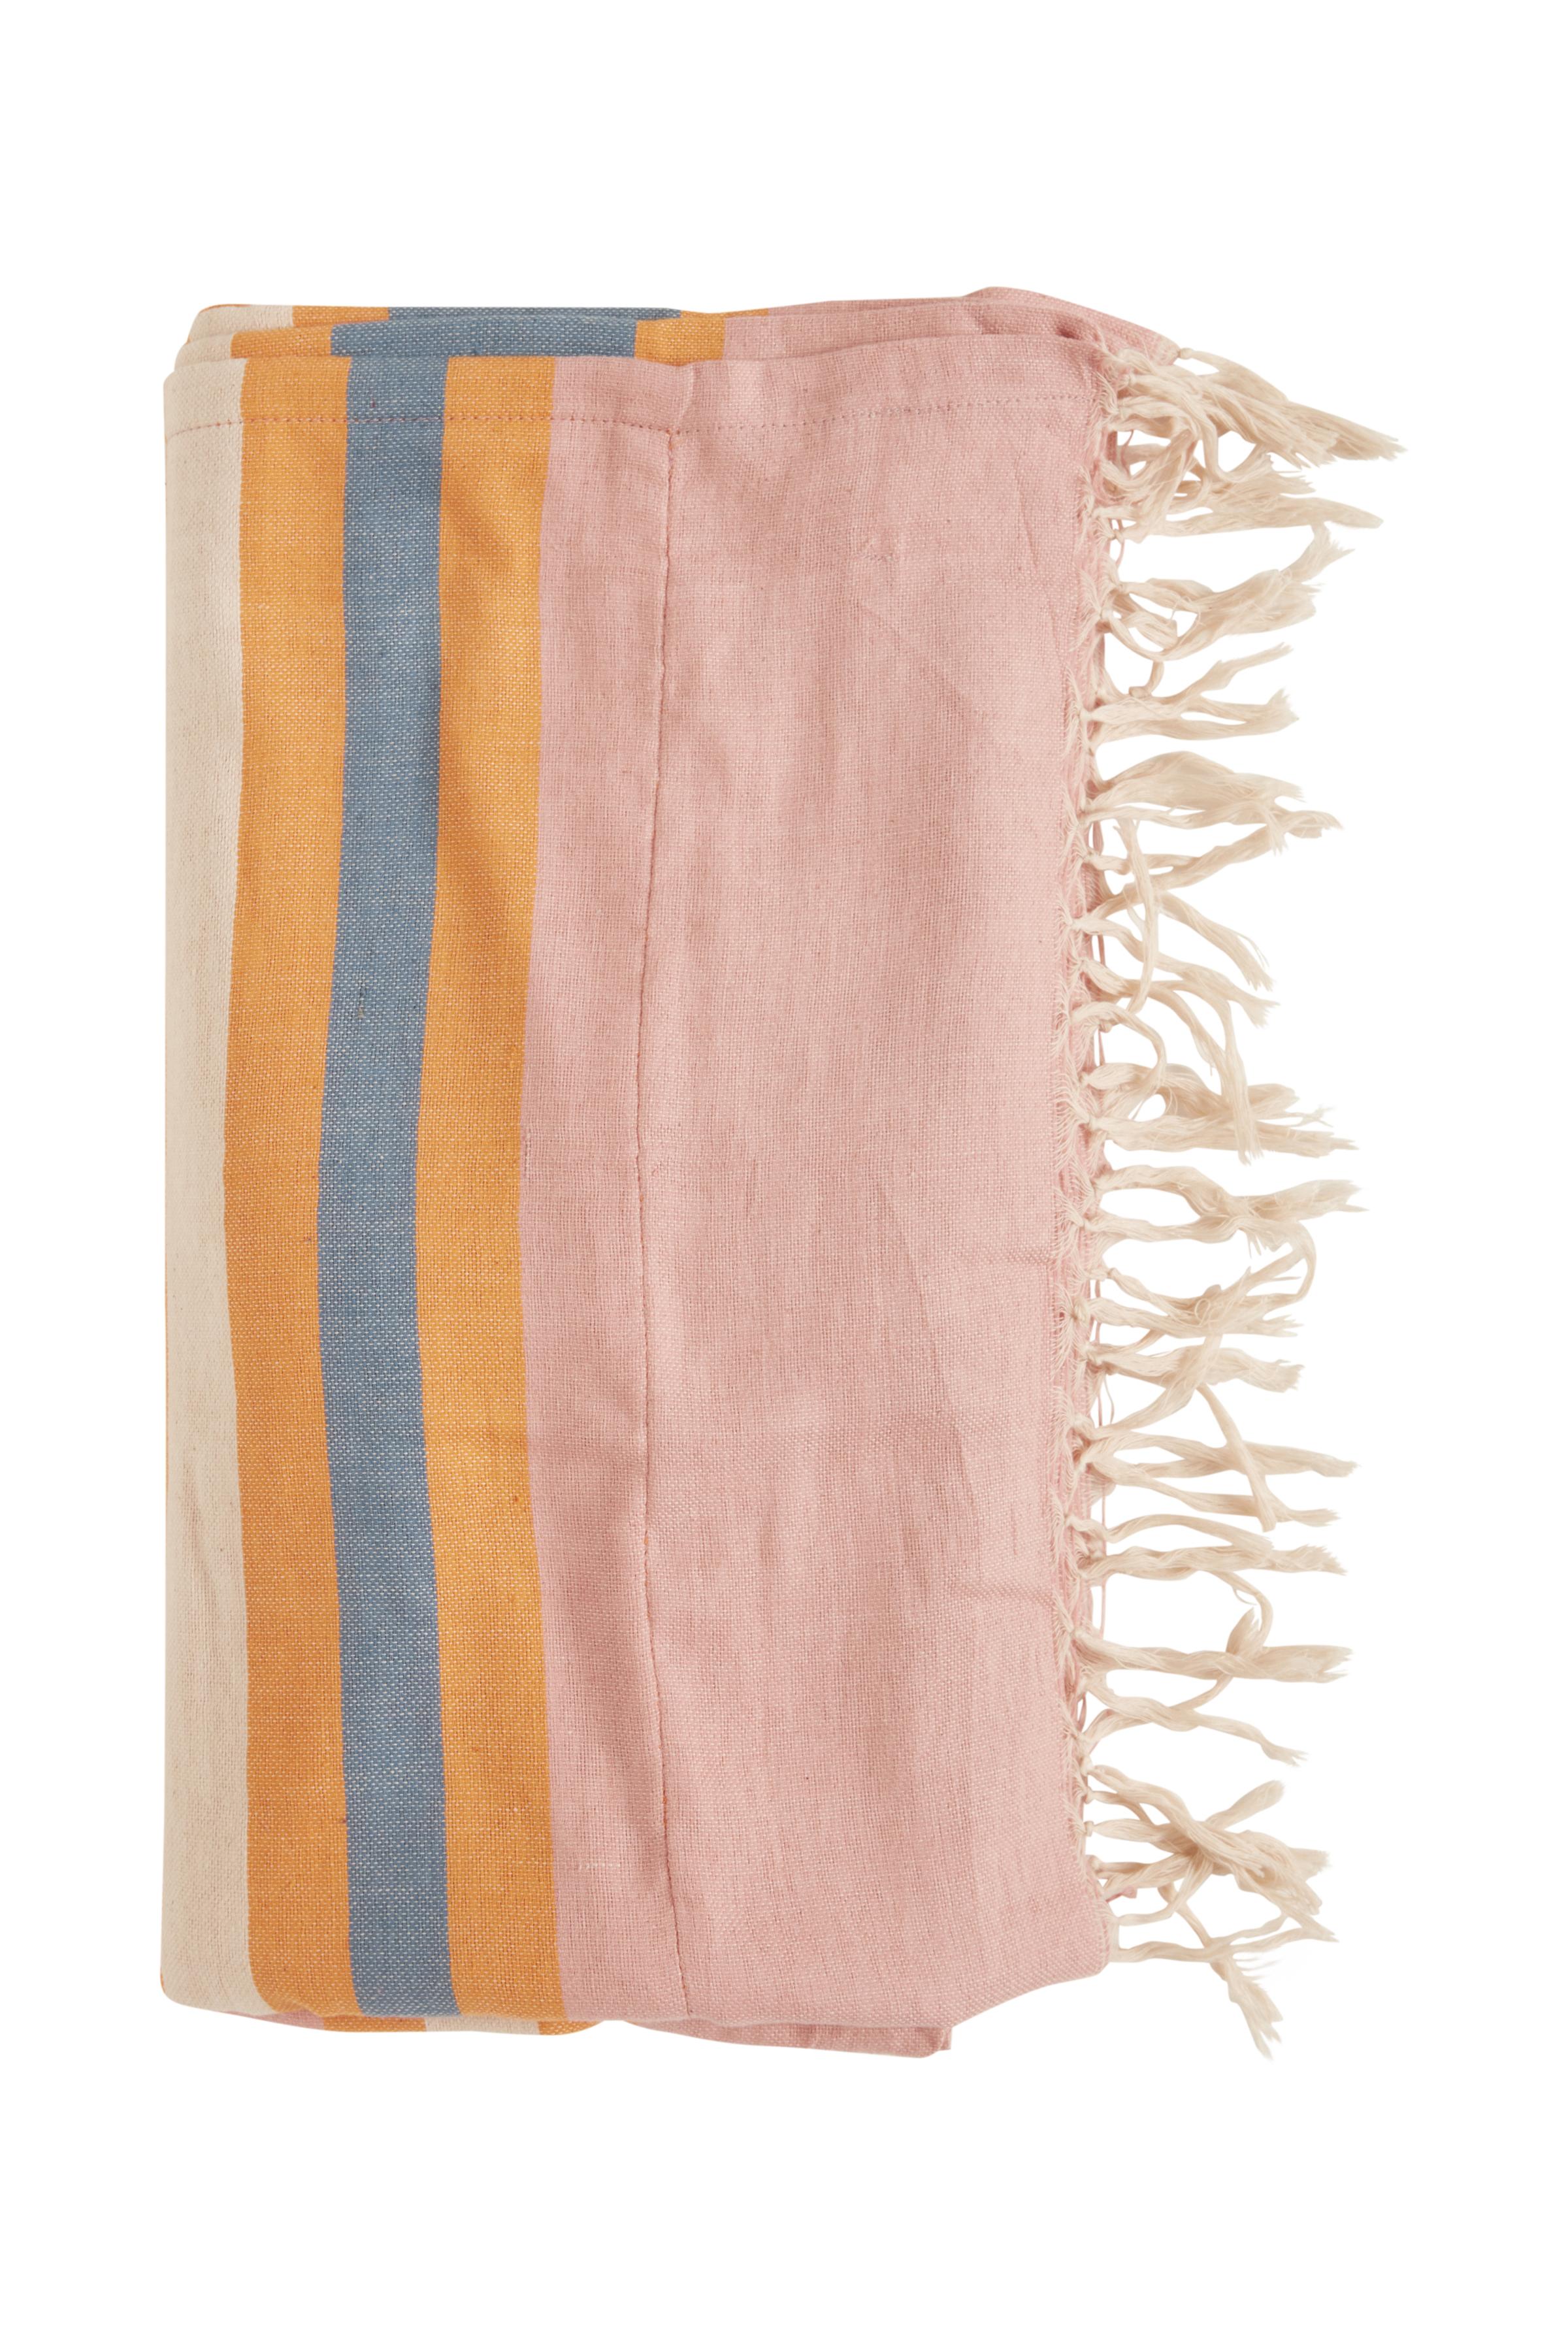 Russet Orange Strandhåndklæde  – Køb Russet Orange Strandhåndklæde  fra str. ONE her